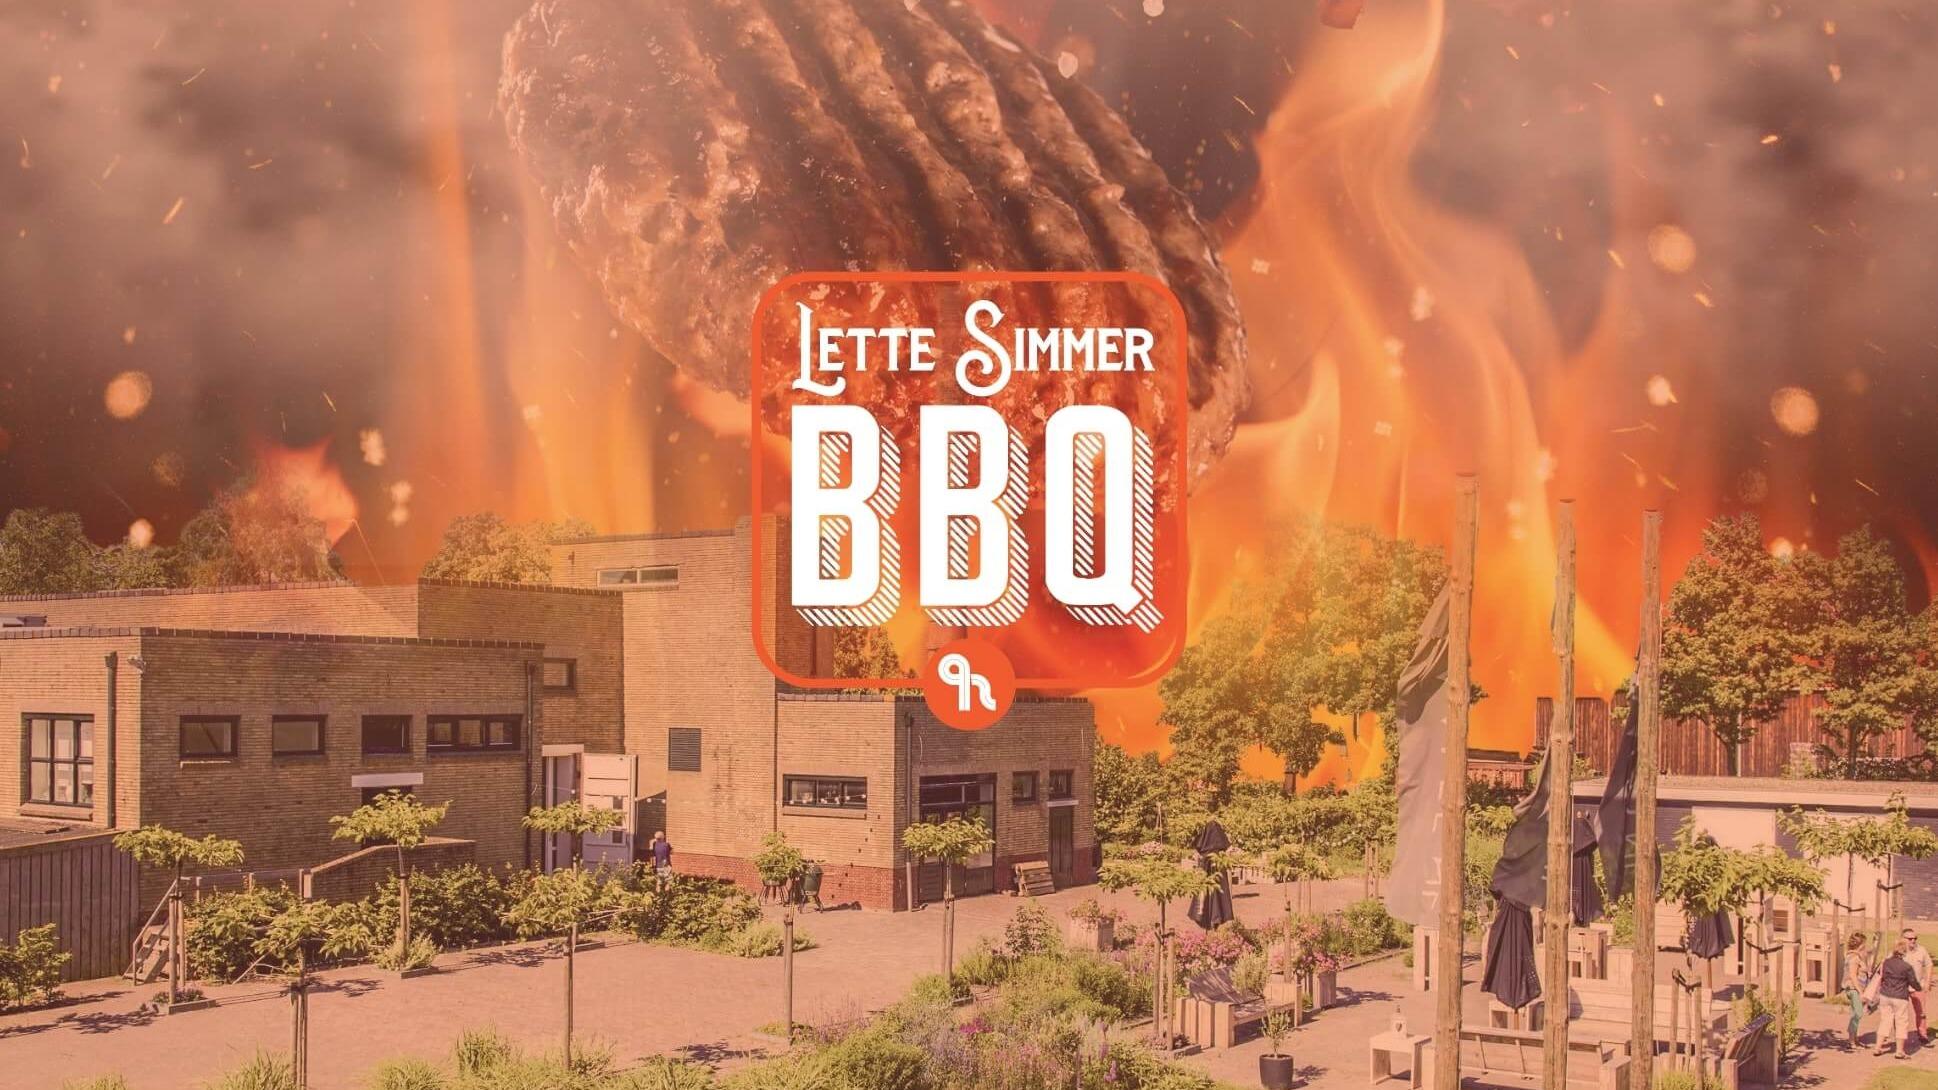 Lette Simmer BBQ